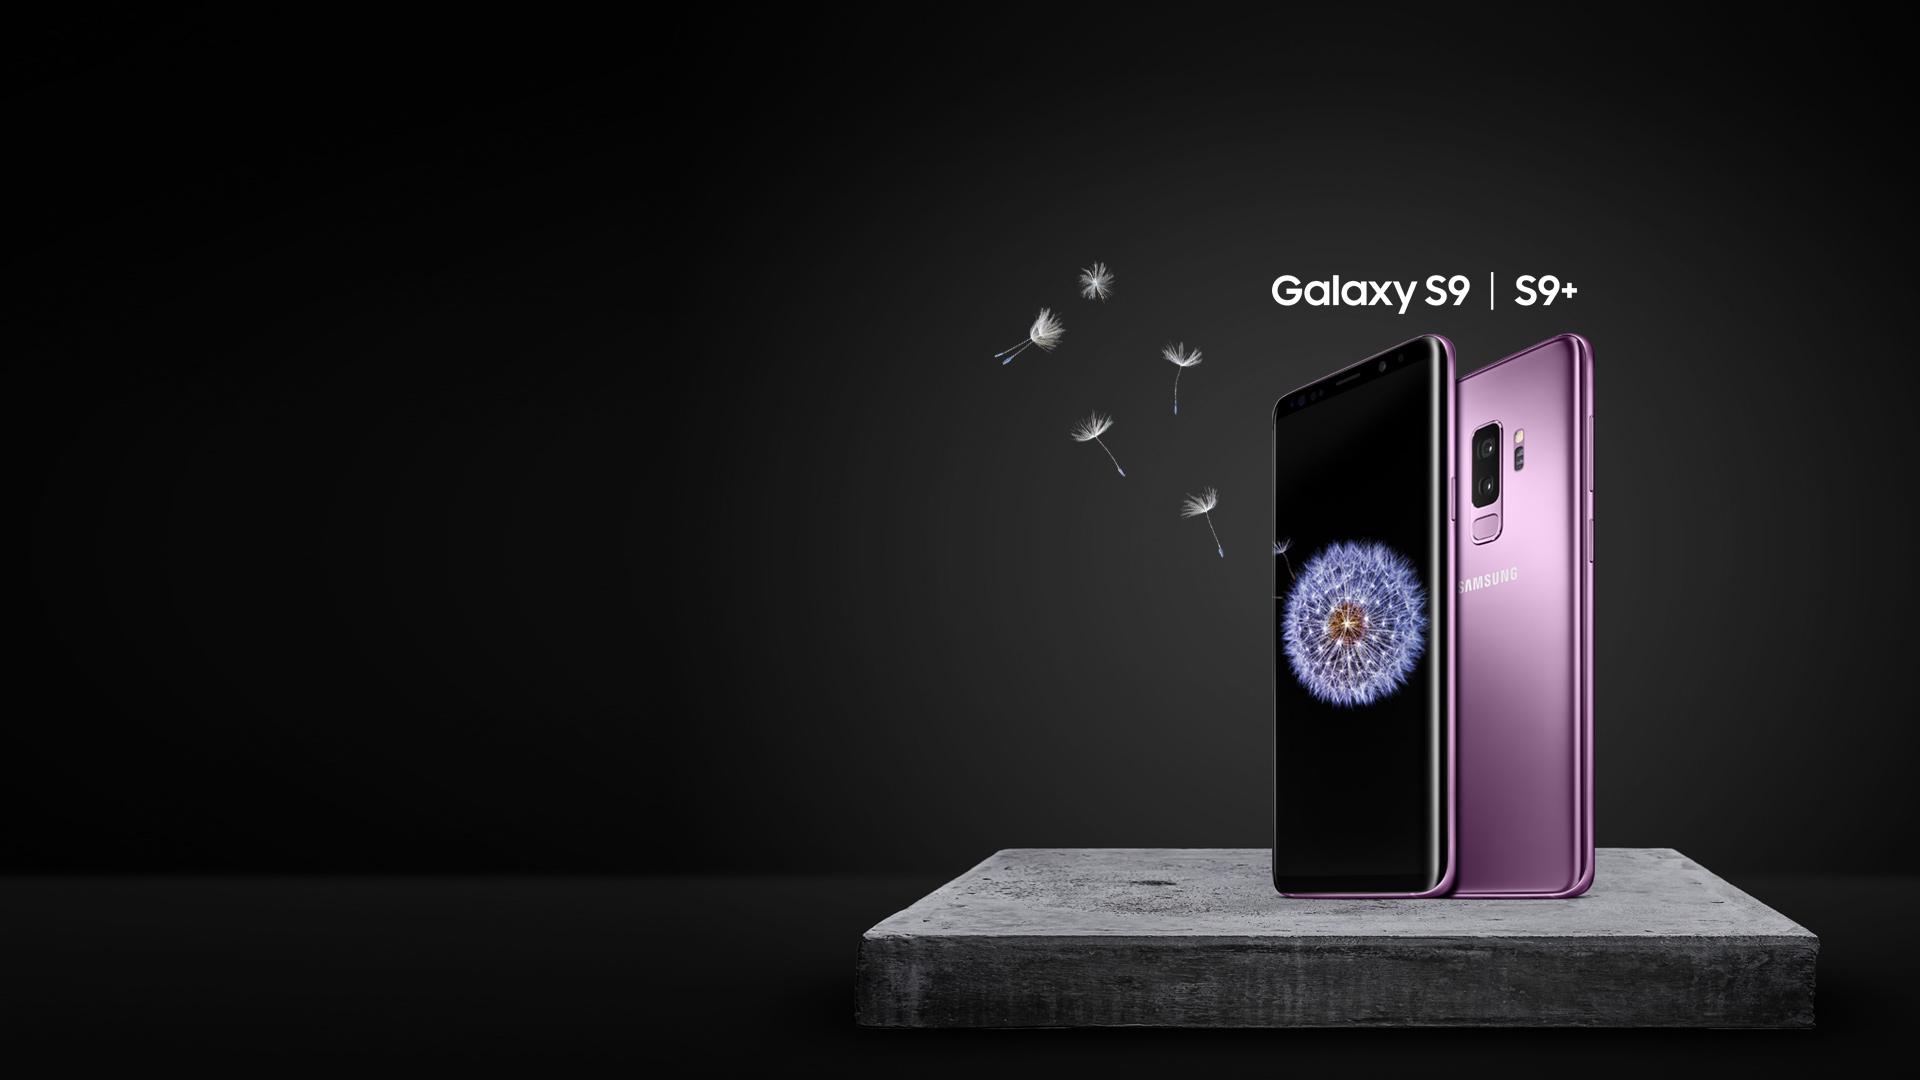 Samsung Galaxy S9 bis zu € 200,- günstiger